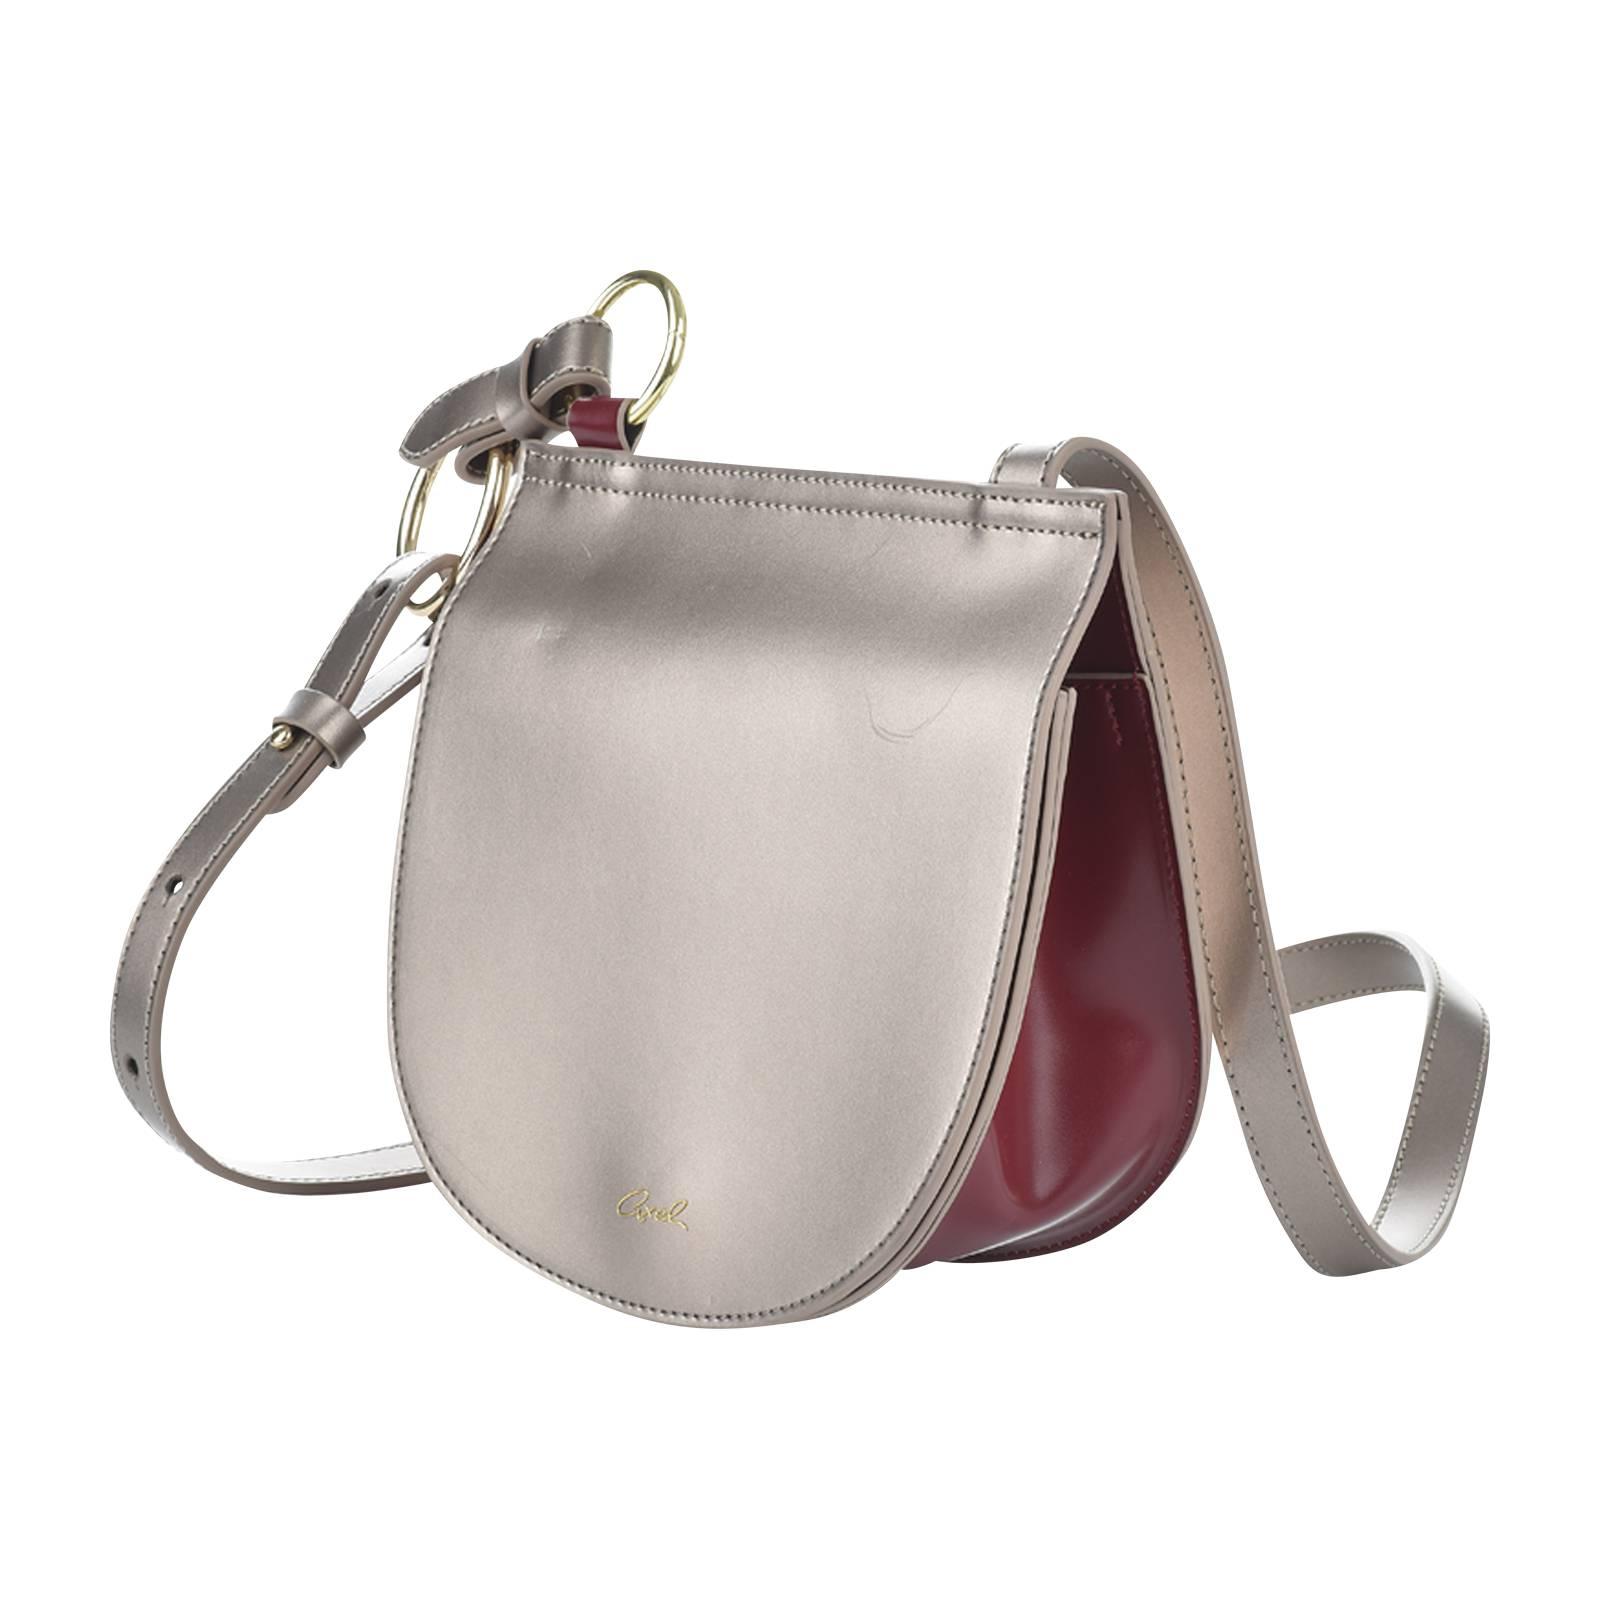 Regan - Γυναικεία τσάντα Axel από δερμα συνθετικο - Gianna Kazakou ... 0b9ccf5c12e